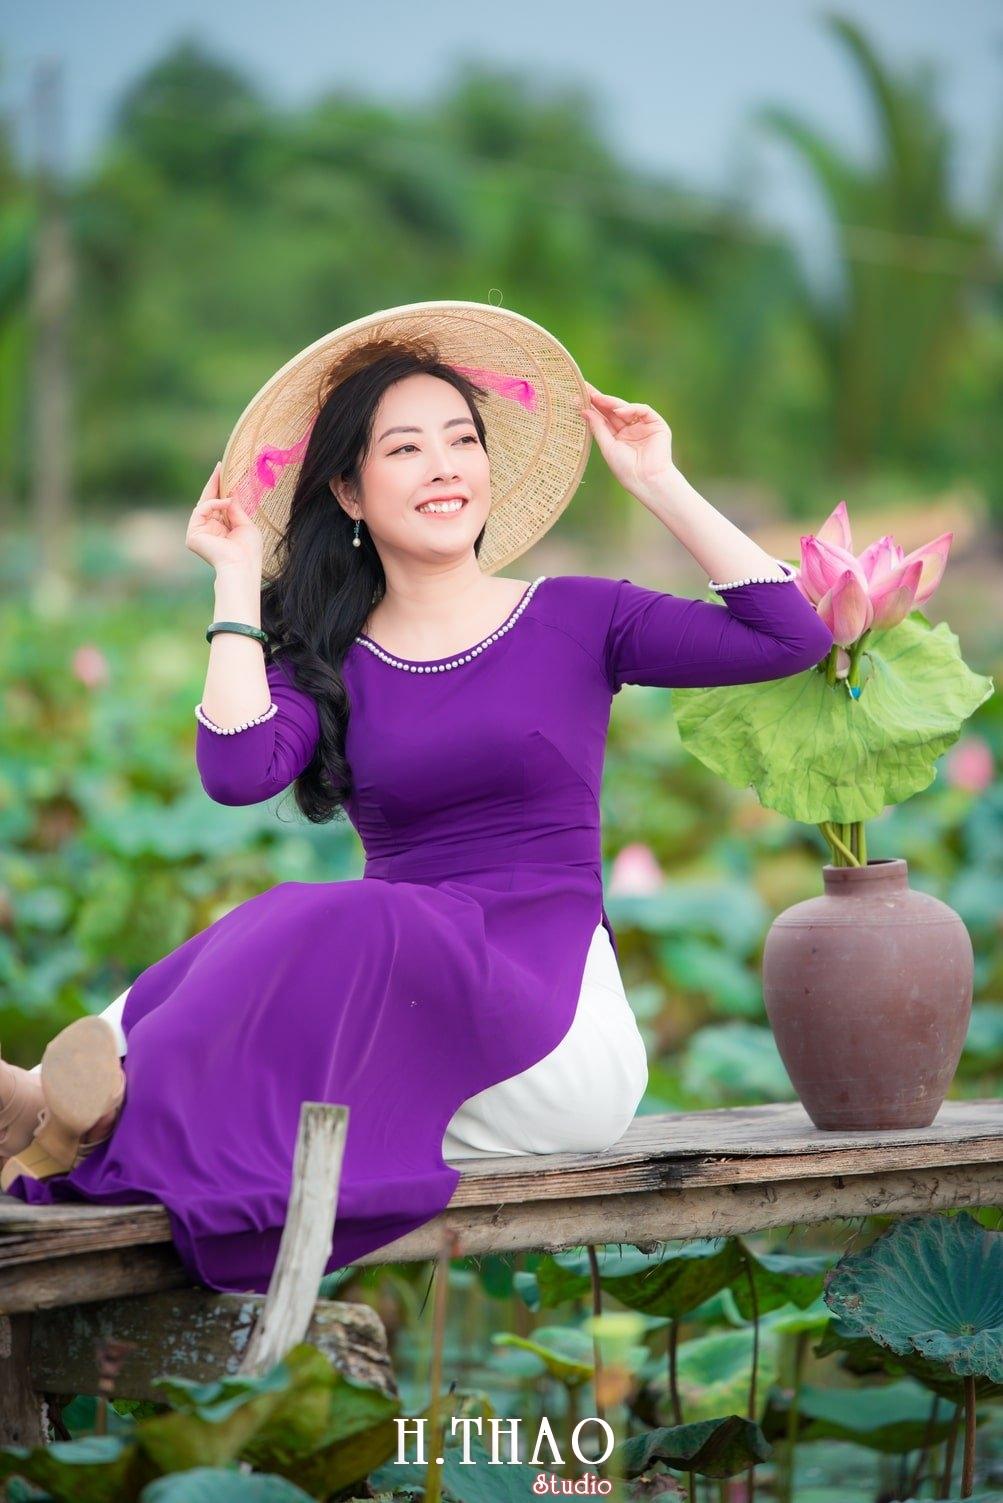 Anh Hoa sen tam da 8 - Bộ ảnh hoa sen với áo dài tím đẹp dễ thương - HThao Studio